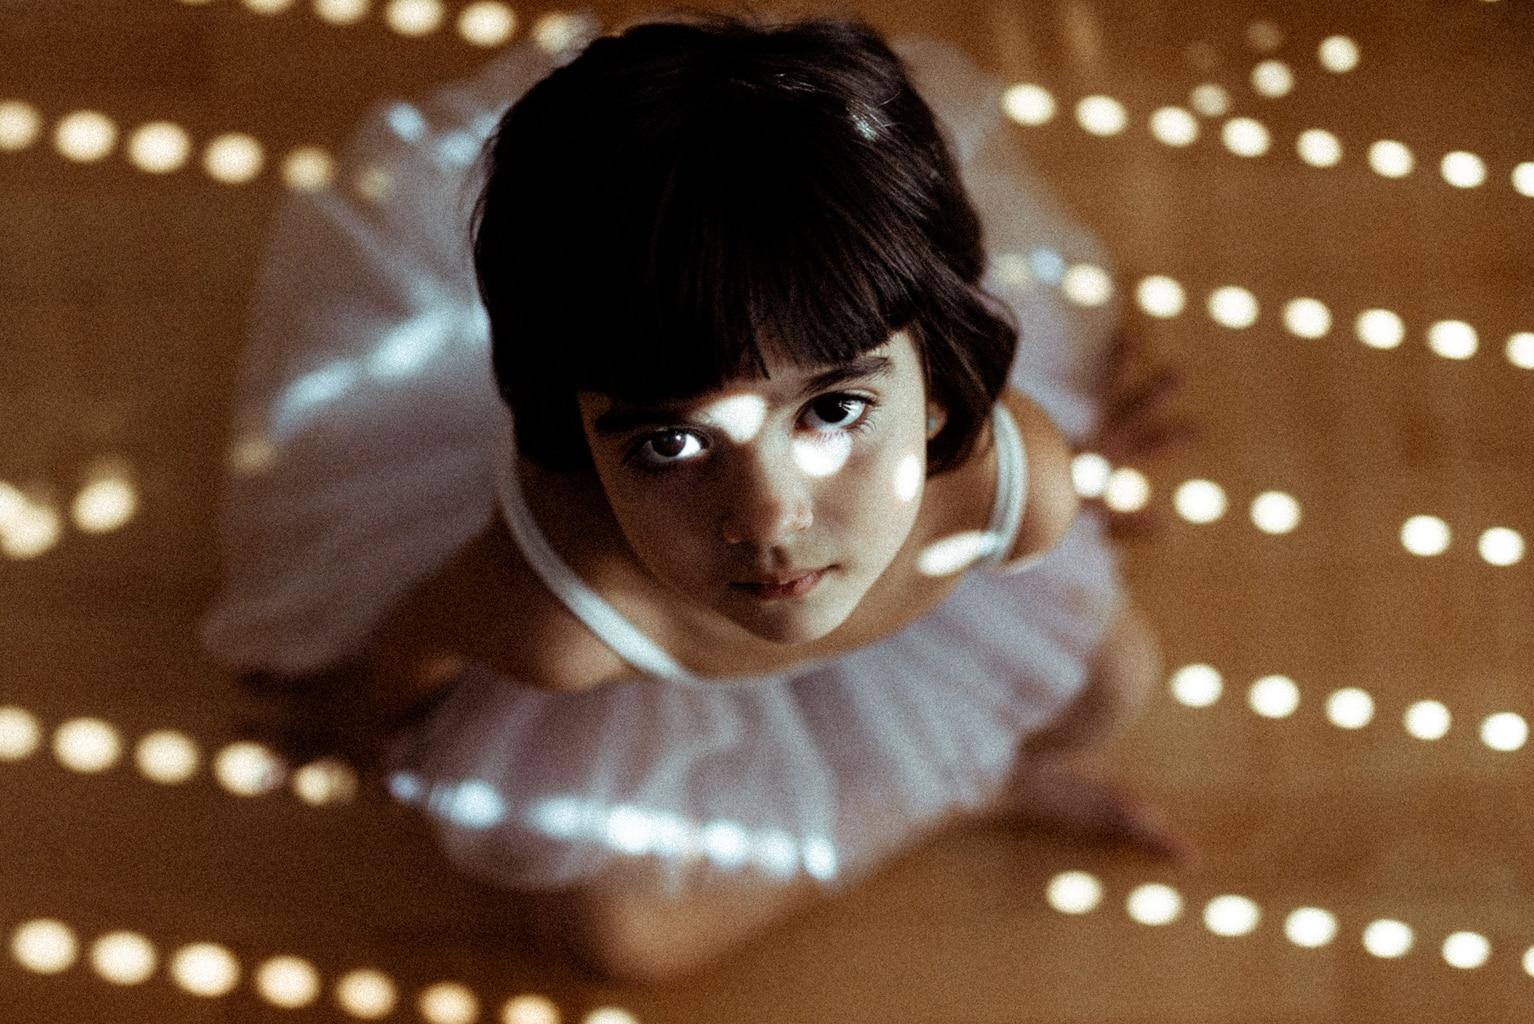 niña vestida de bailarina bañada por la luz de una ventana entre sombras